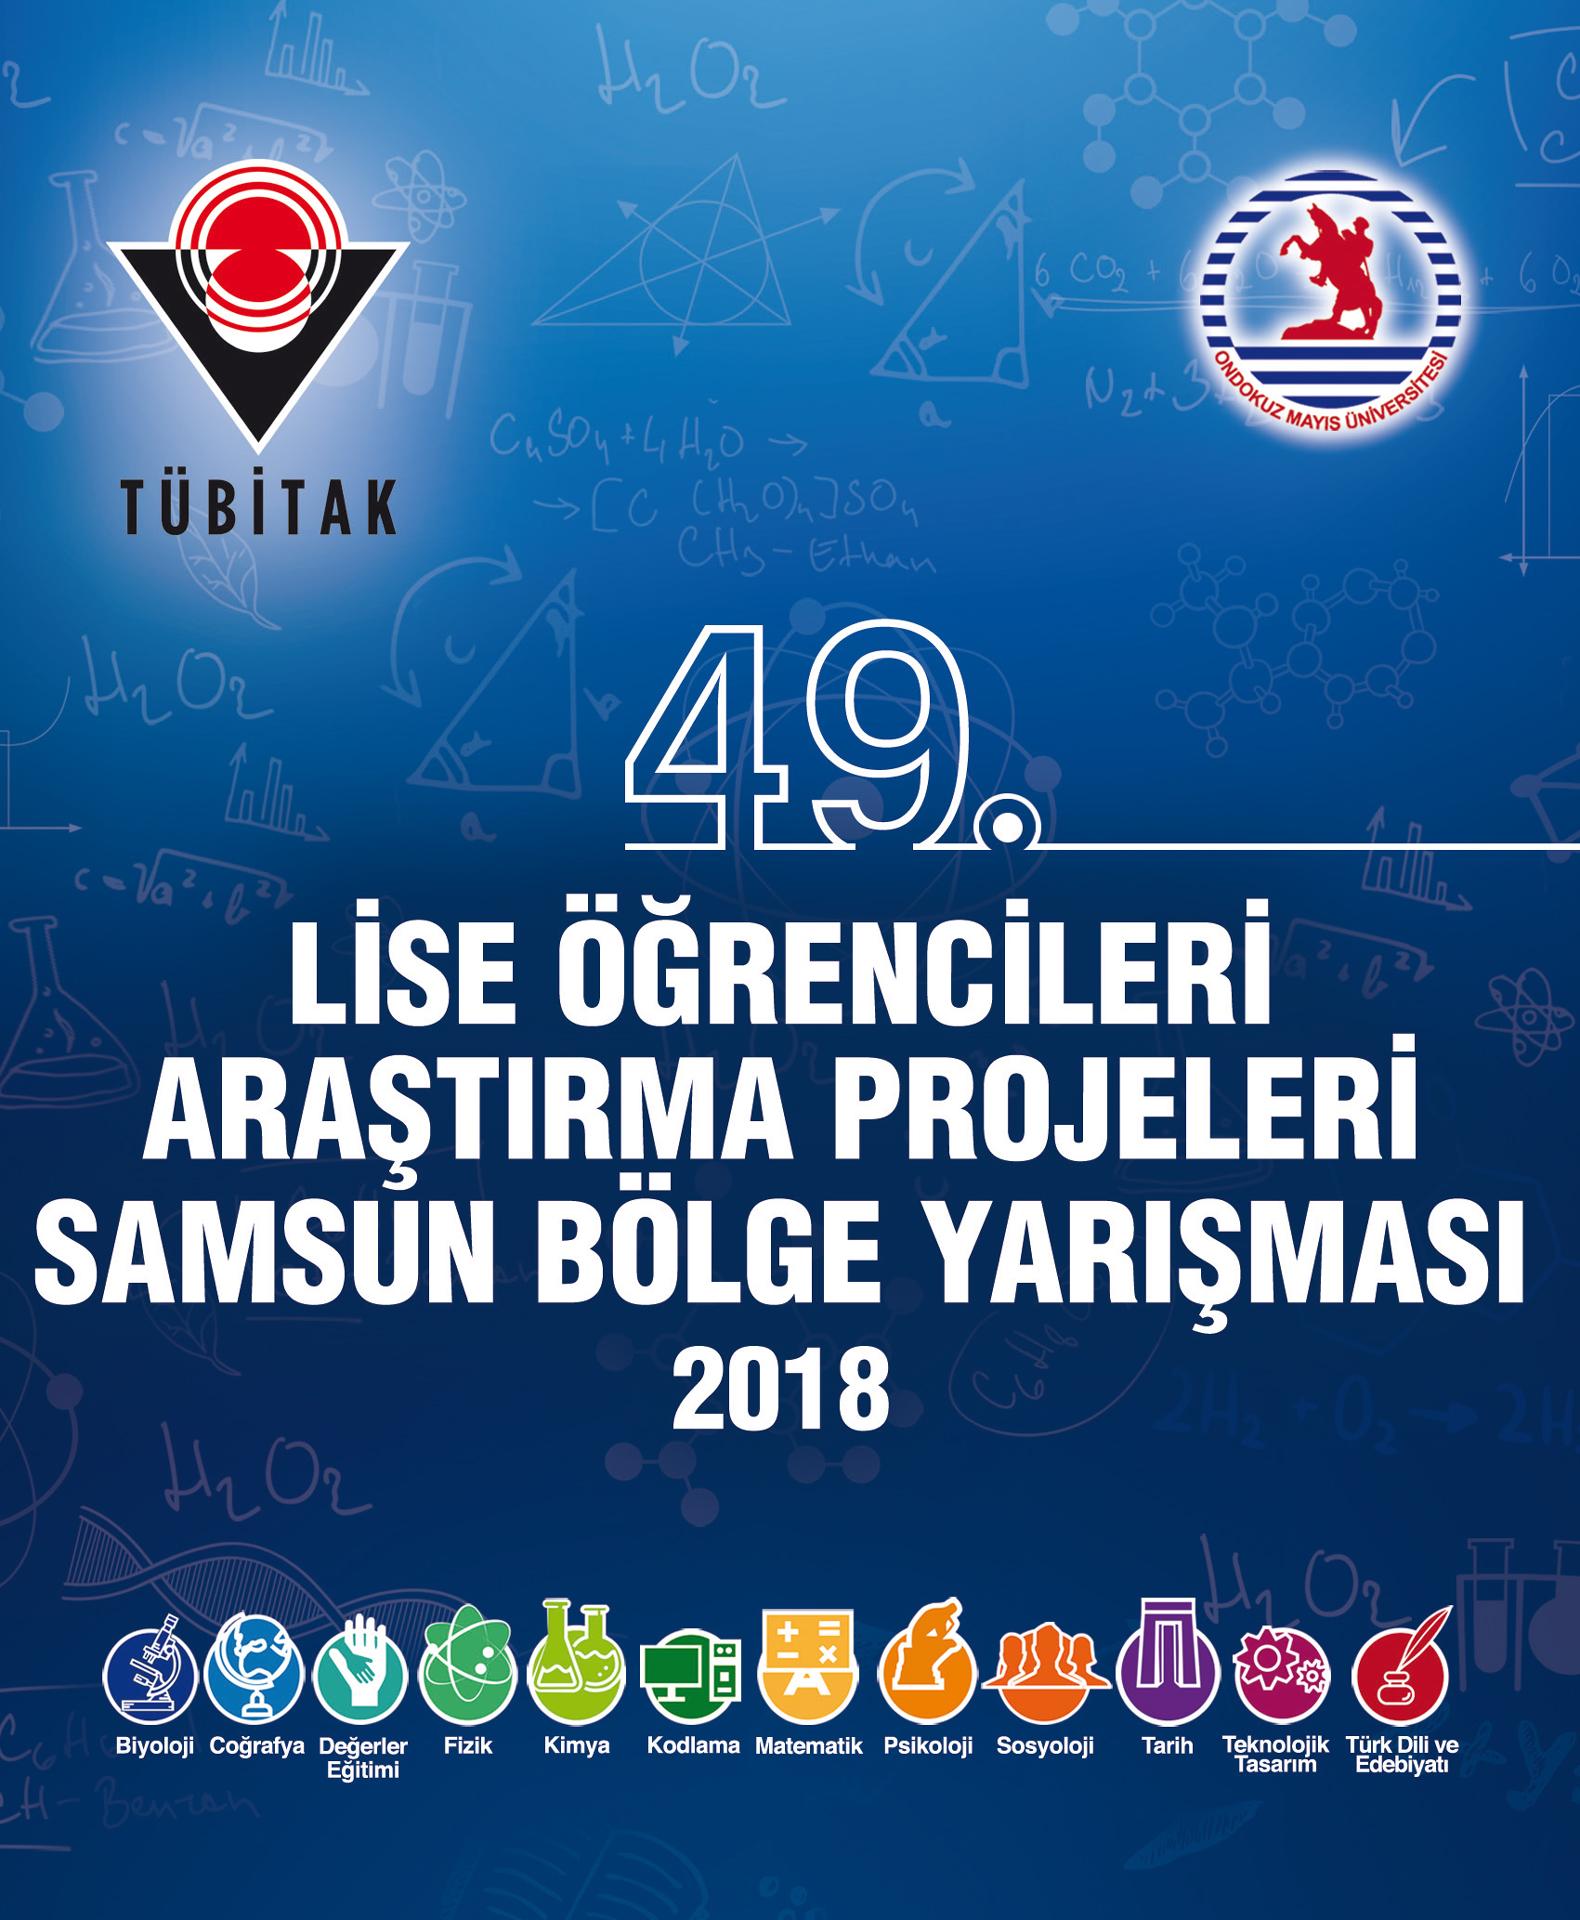 https://www.omu.edu.tr/sites/default/files/samsun_bolge_sergisi_davetiye-1.jpg